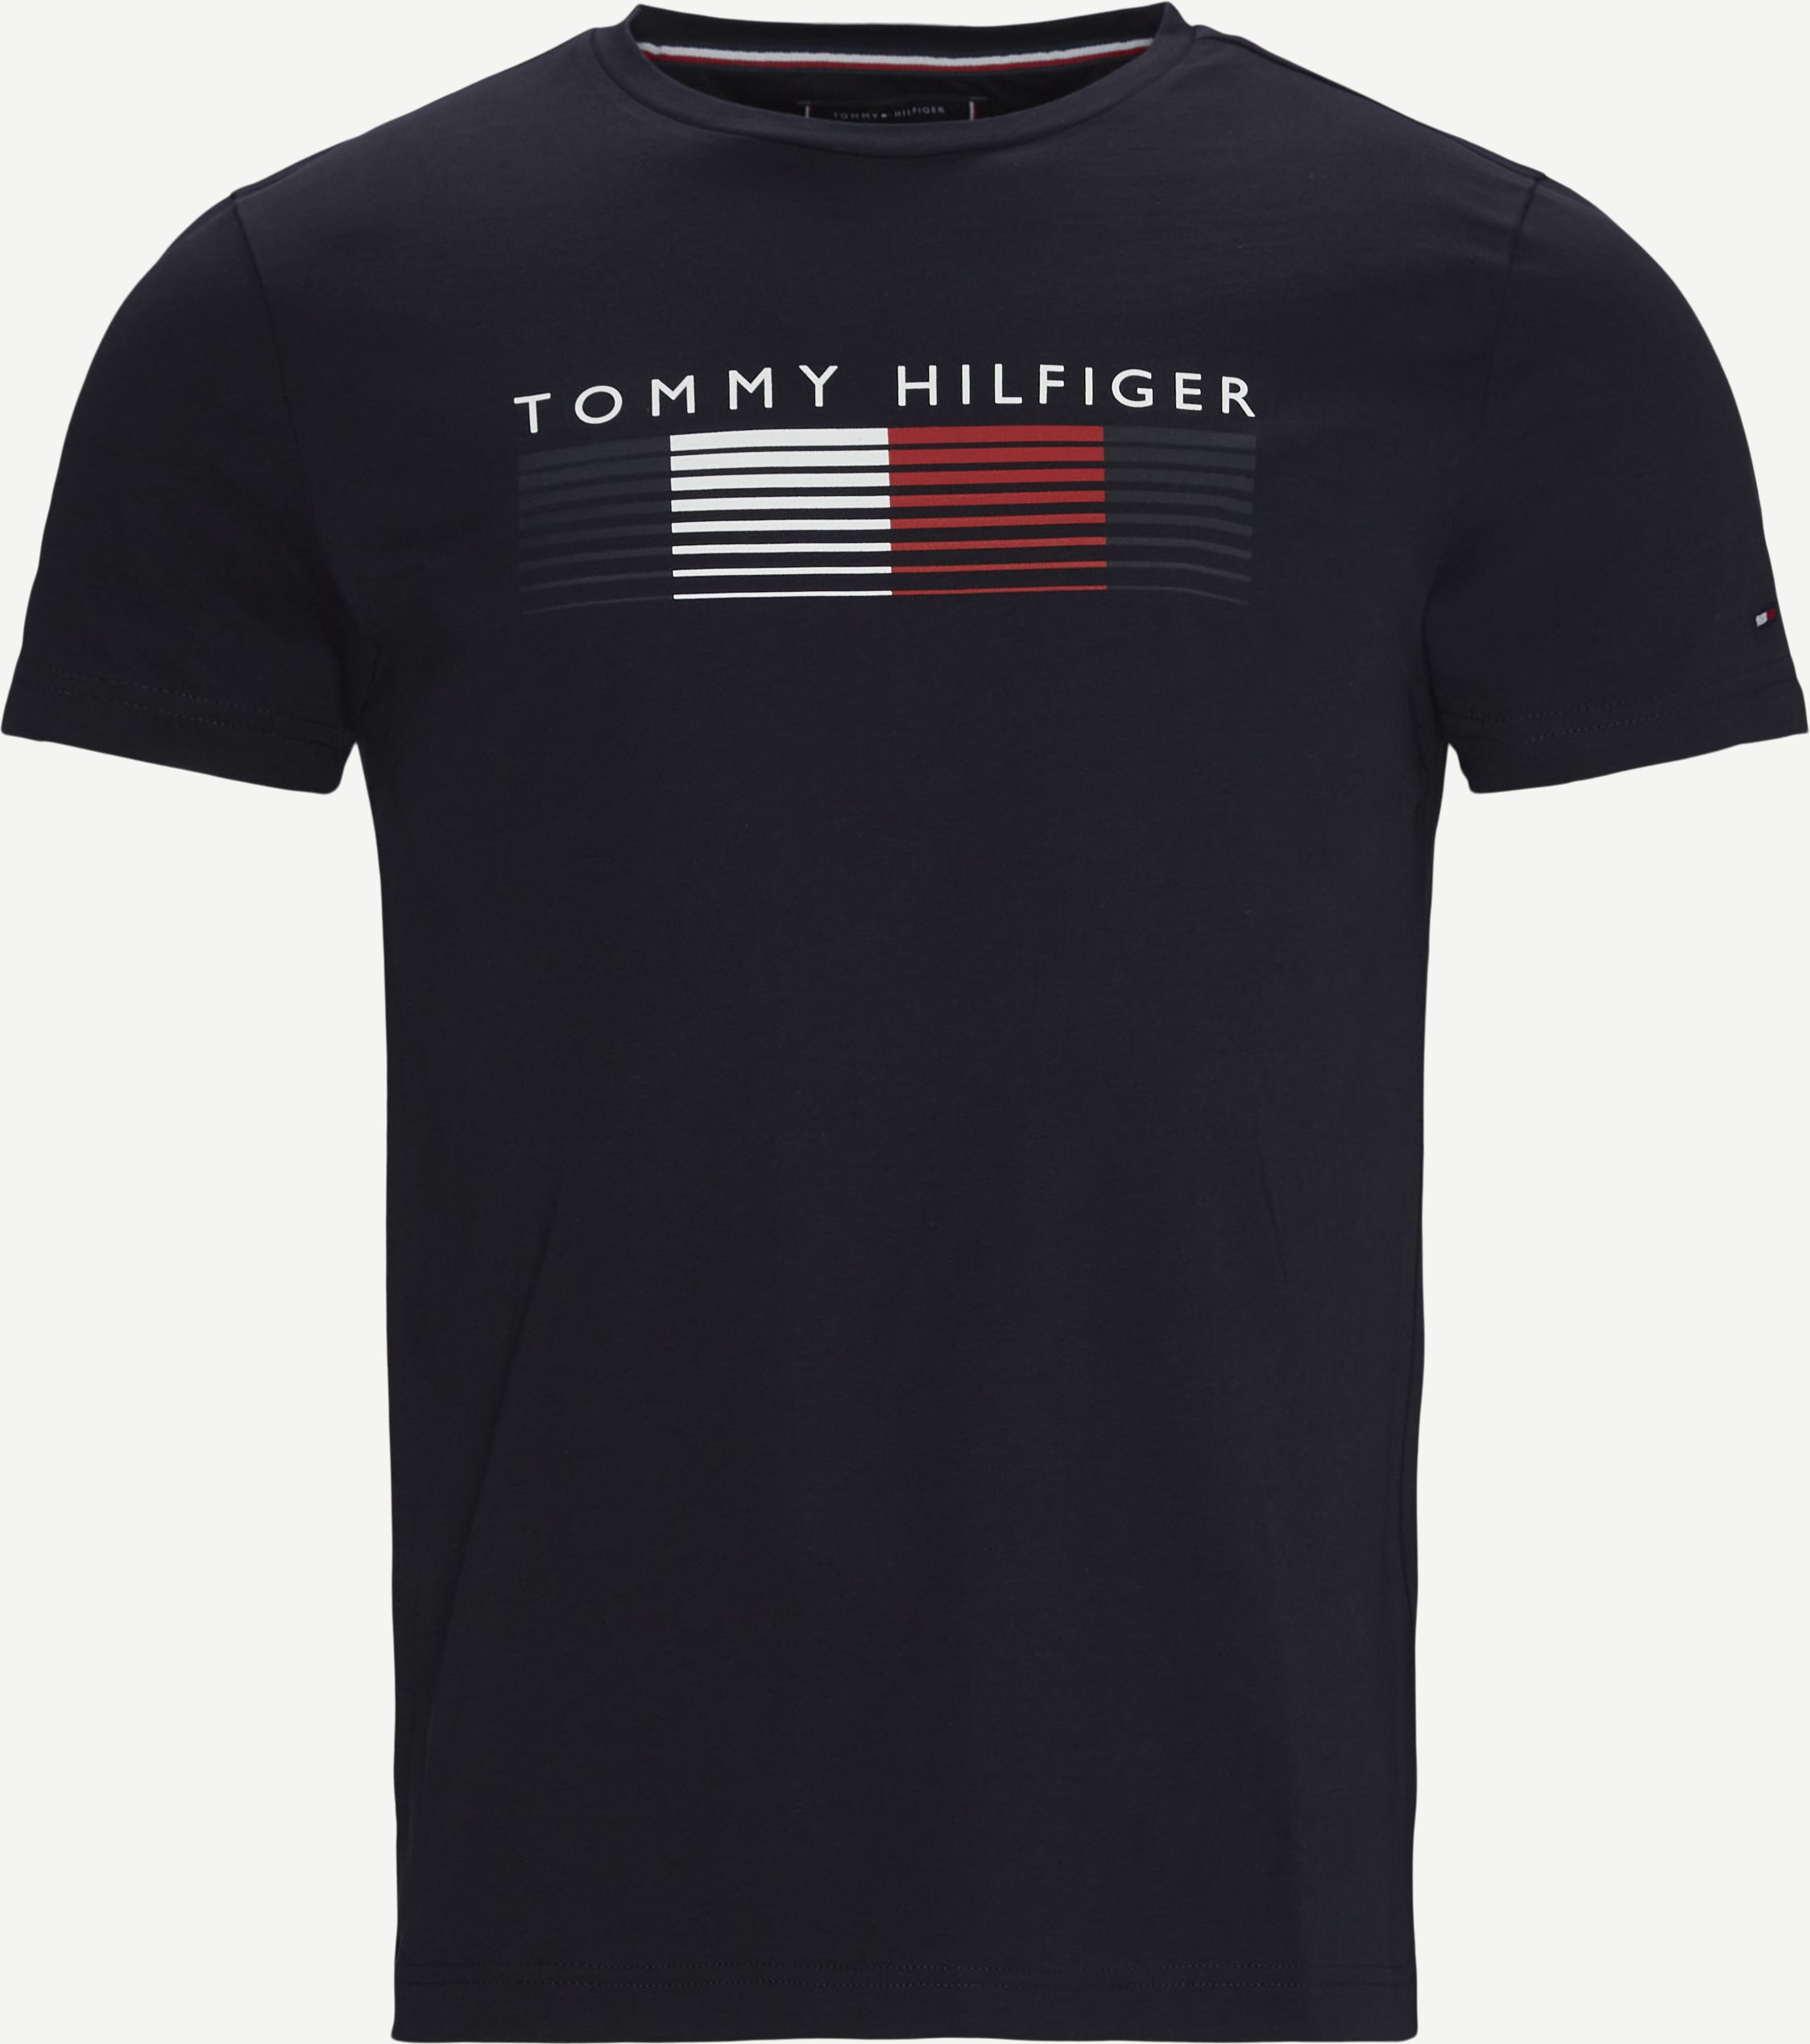 Fadegraphic Corp T-shirt - T-shirts - Regular fit - Blå